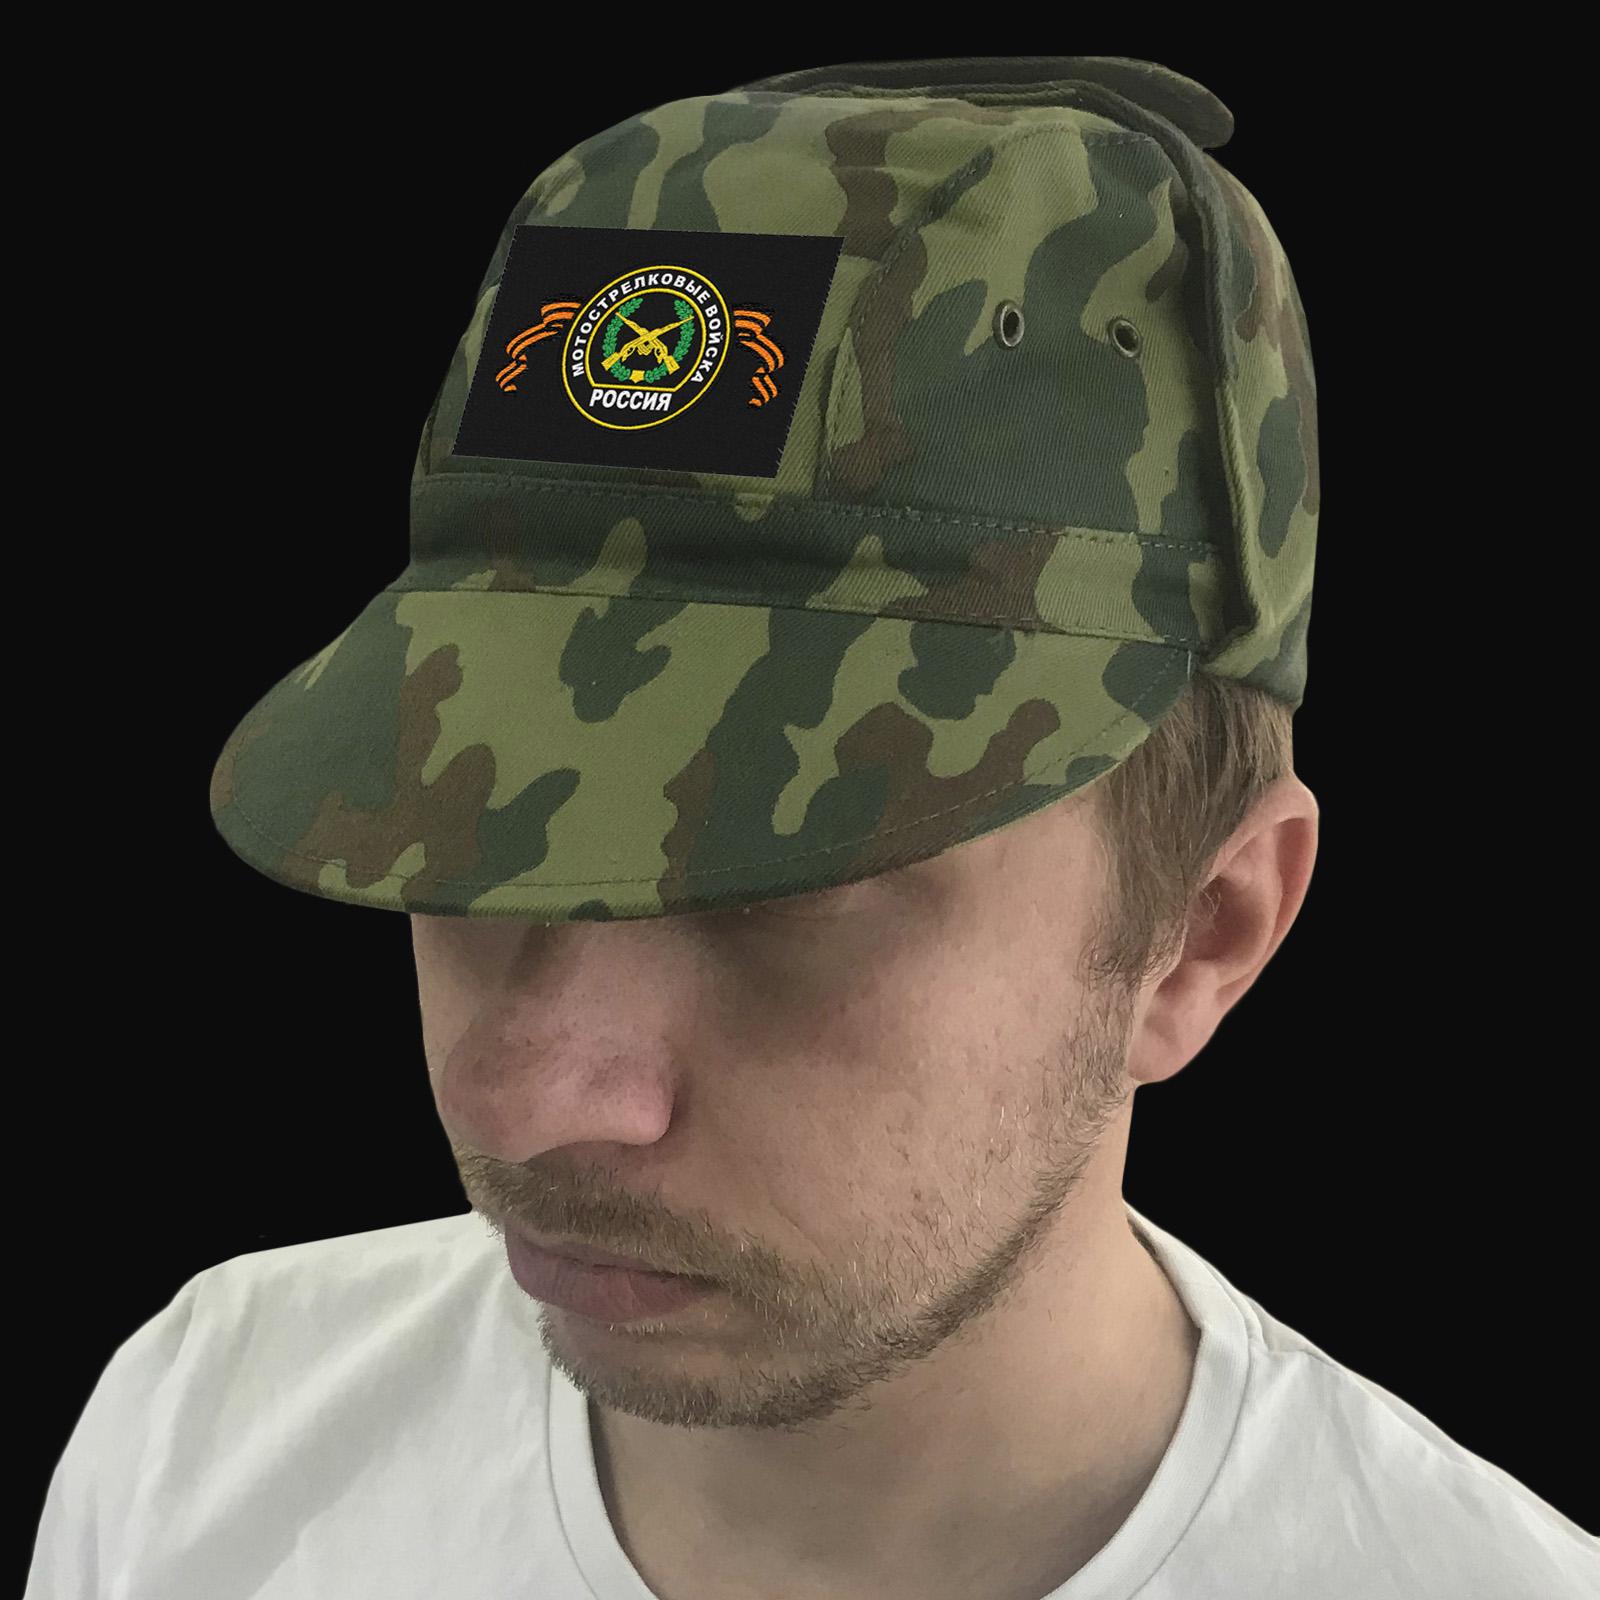 Милитари кепка с шевроном Мотострелковых войск РФ.